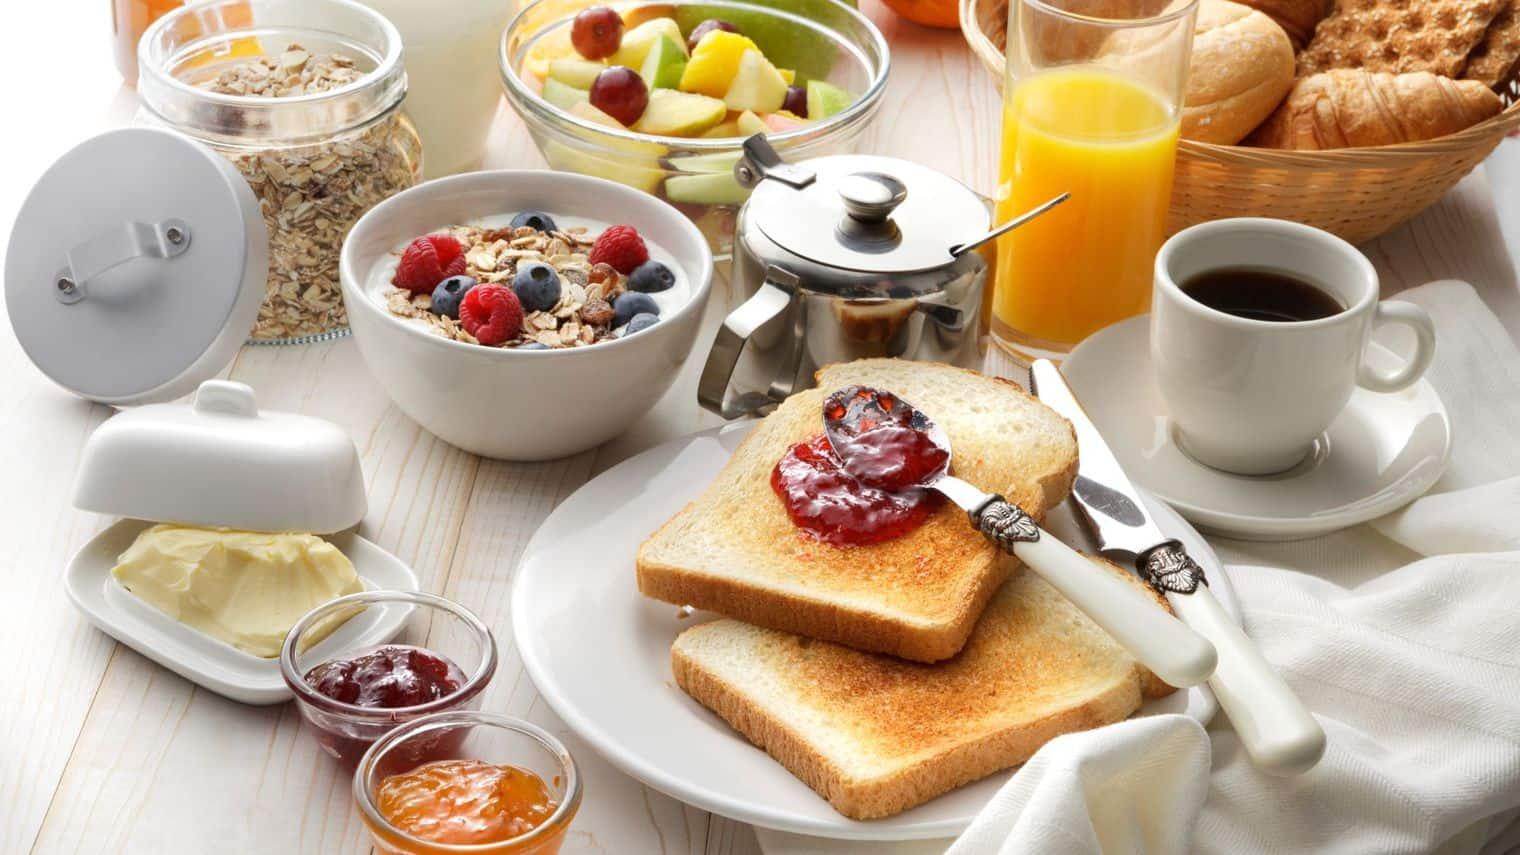 Τα Διατροφικά Λάθη που μας Παχαίνουν